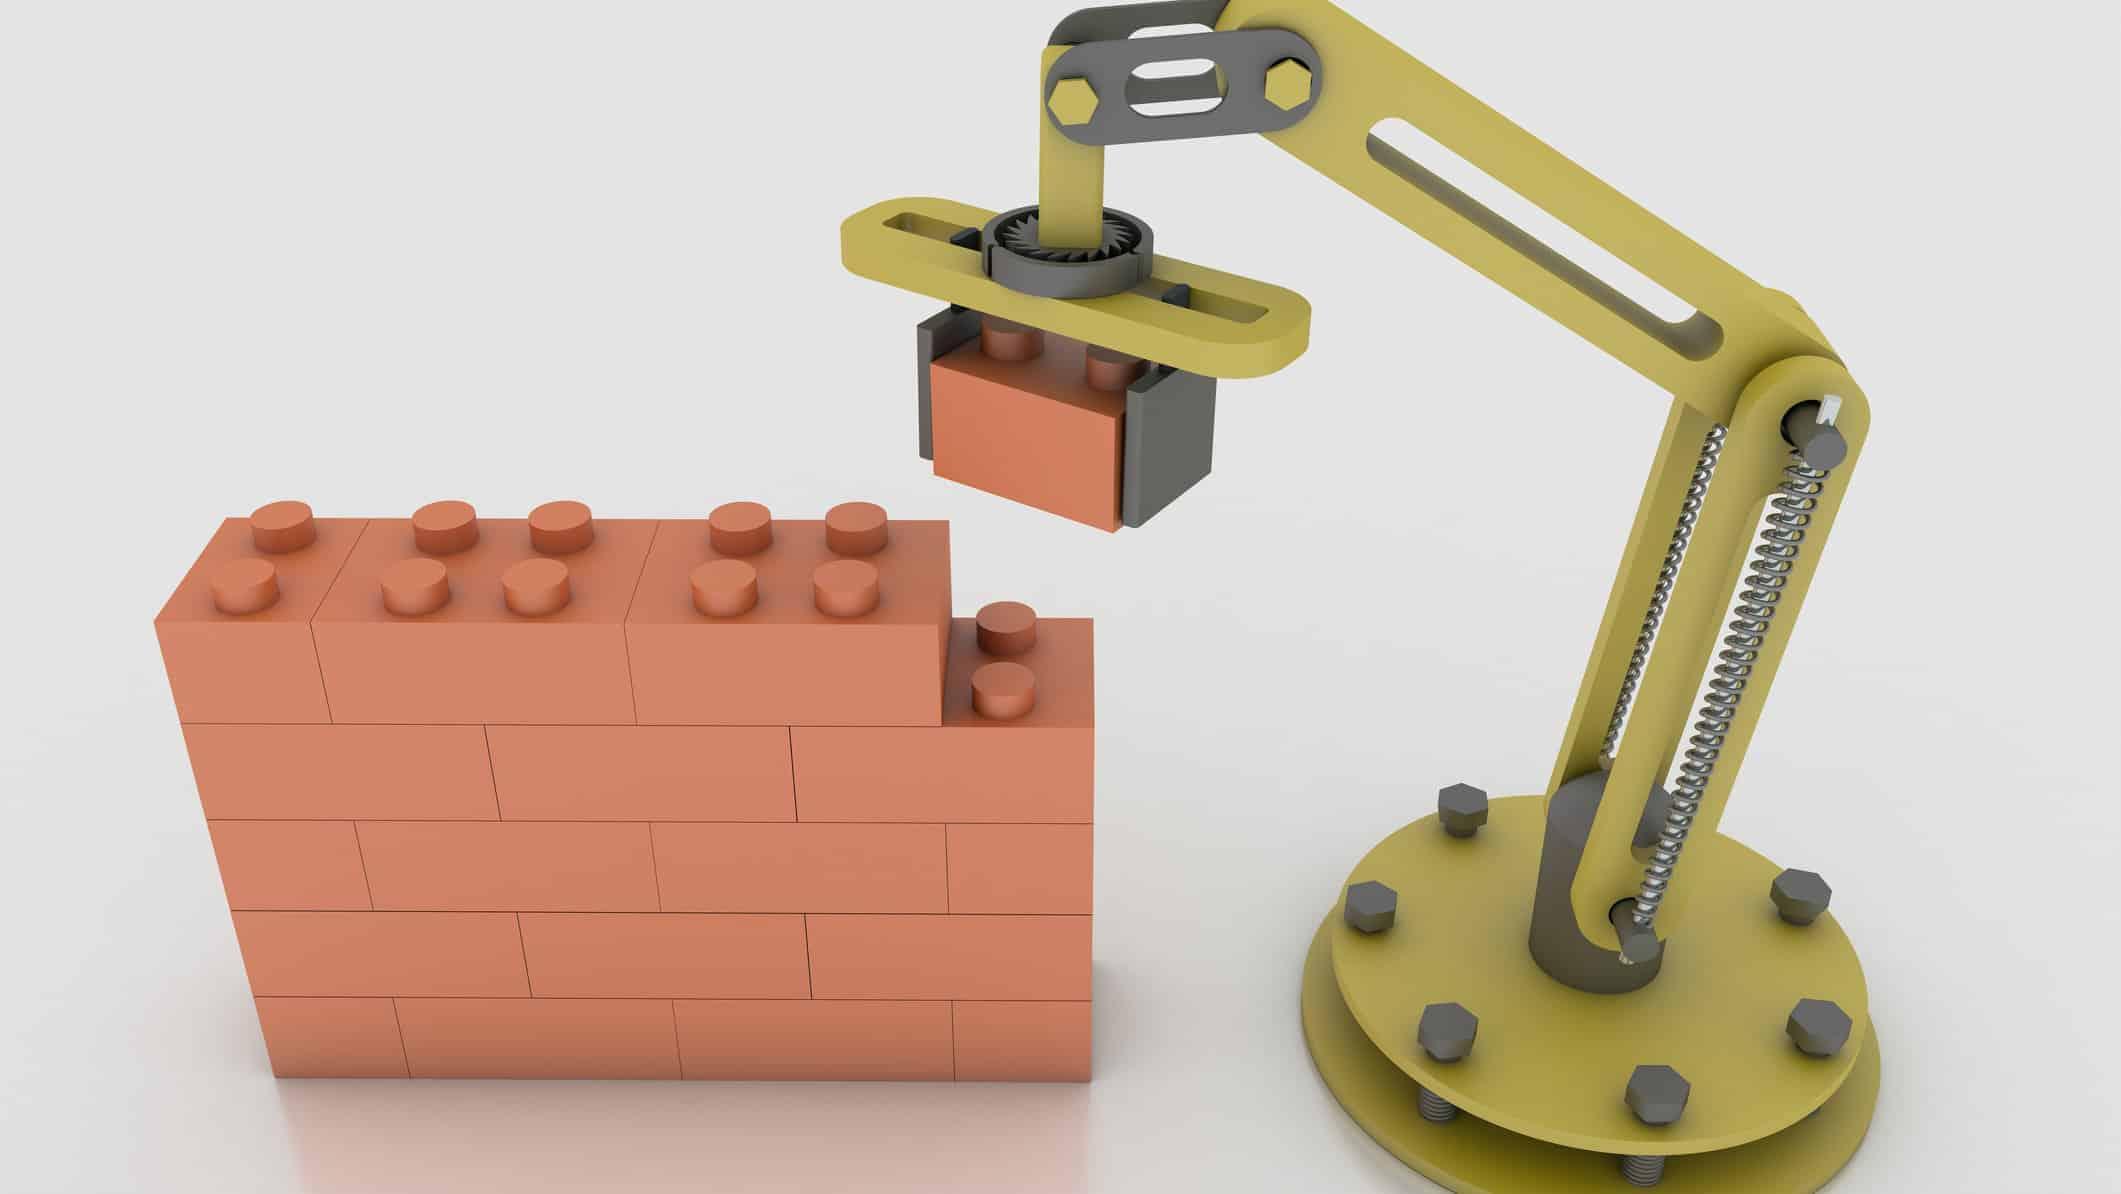 Robotic arm builds a brick wall